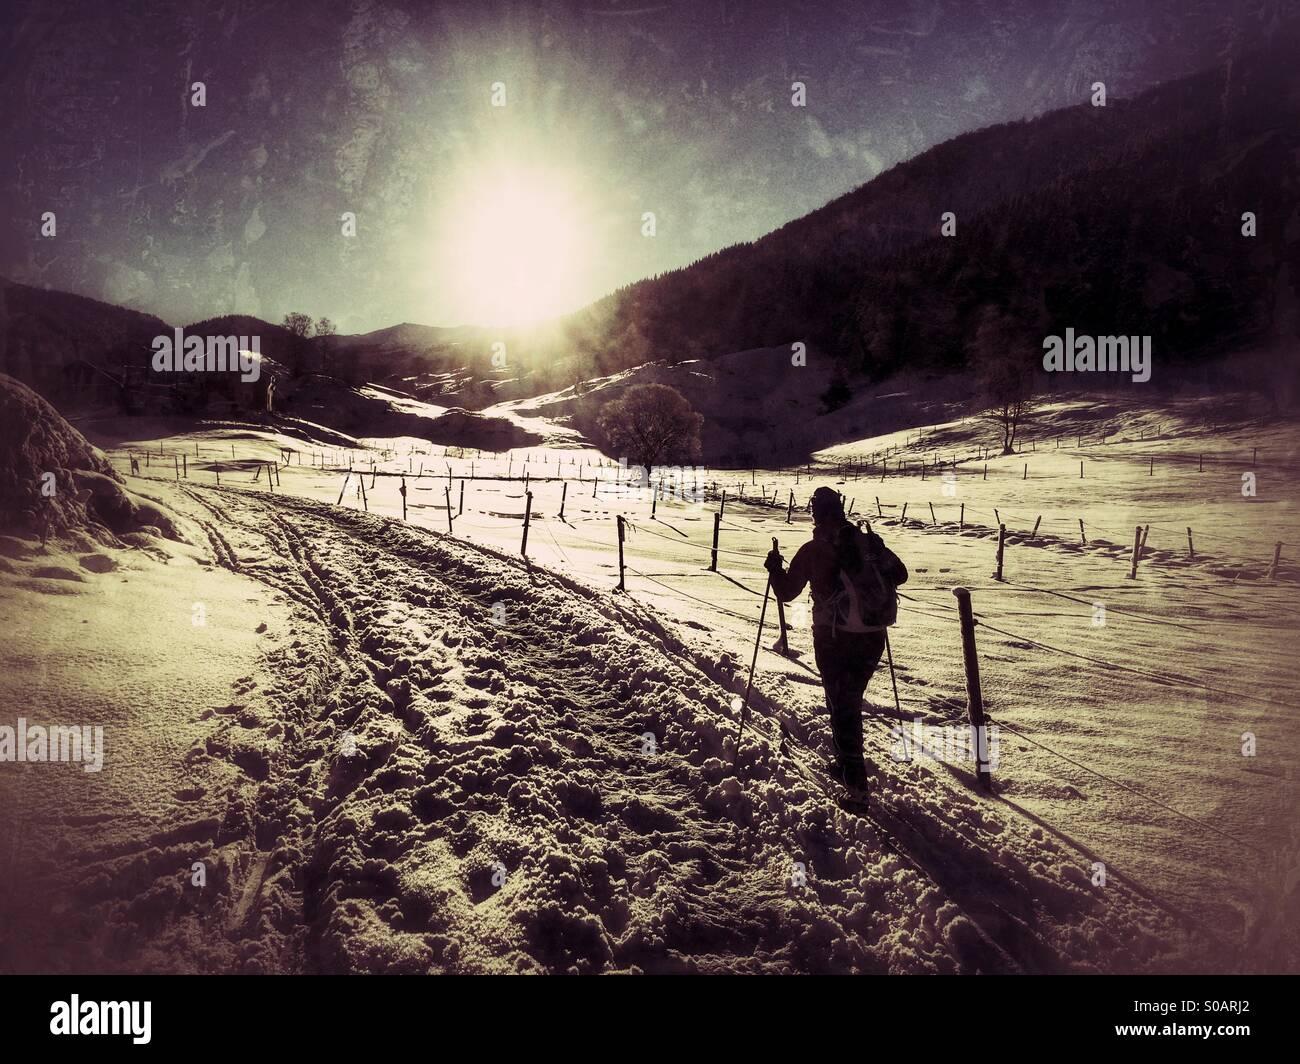 Esquiador siguiendo un surco en la nieve. Imagen De Stock